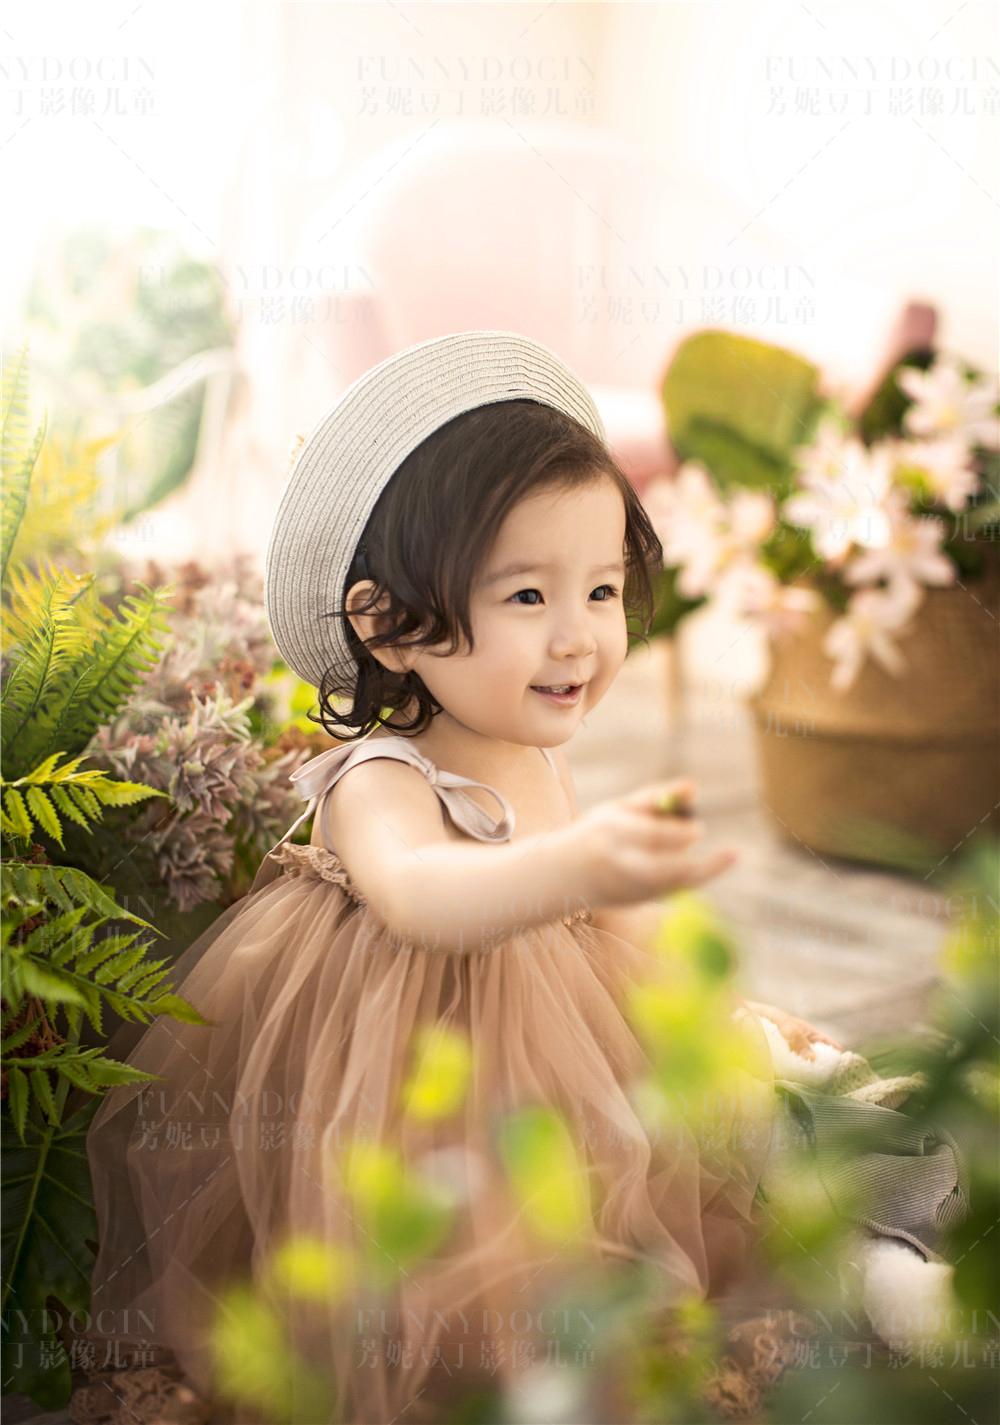 芳妮豆丁儿童摄影 森林奇缘